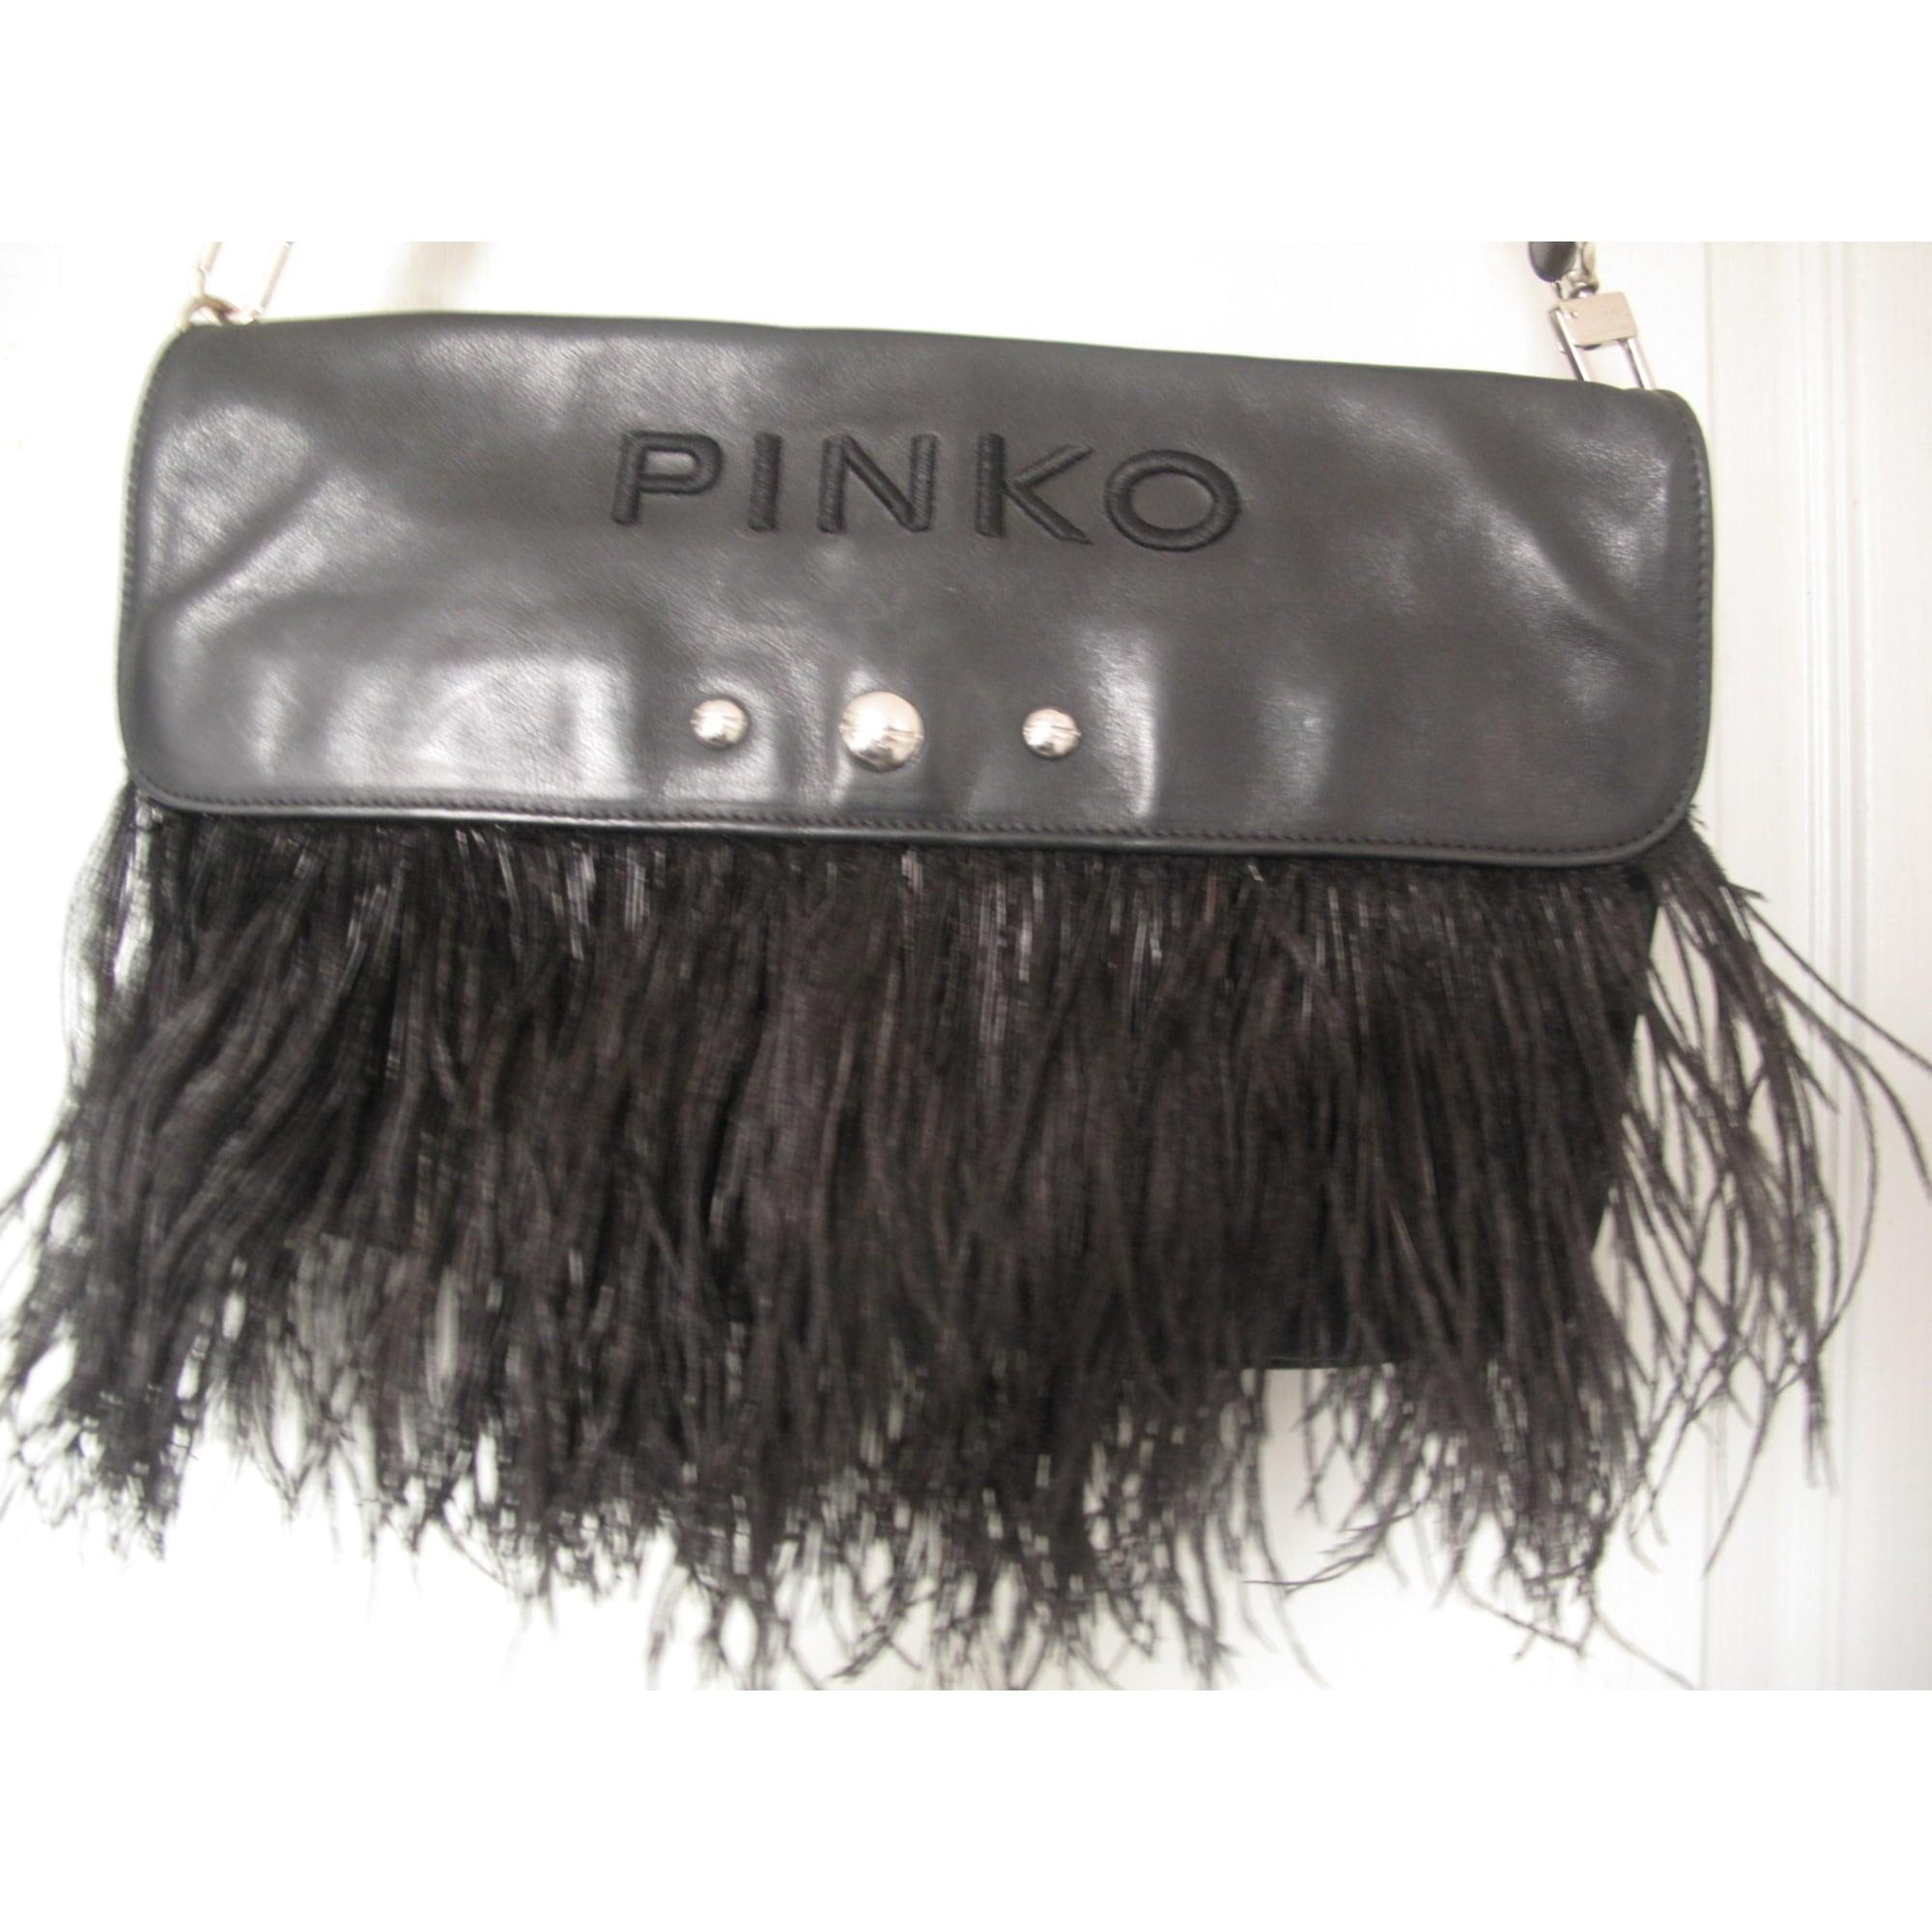 Sac à main en cuir PINKO noir vendu par Devalisez-moi...!!! - 6662826 abbcbdf5930d